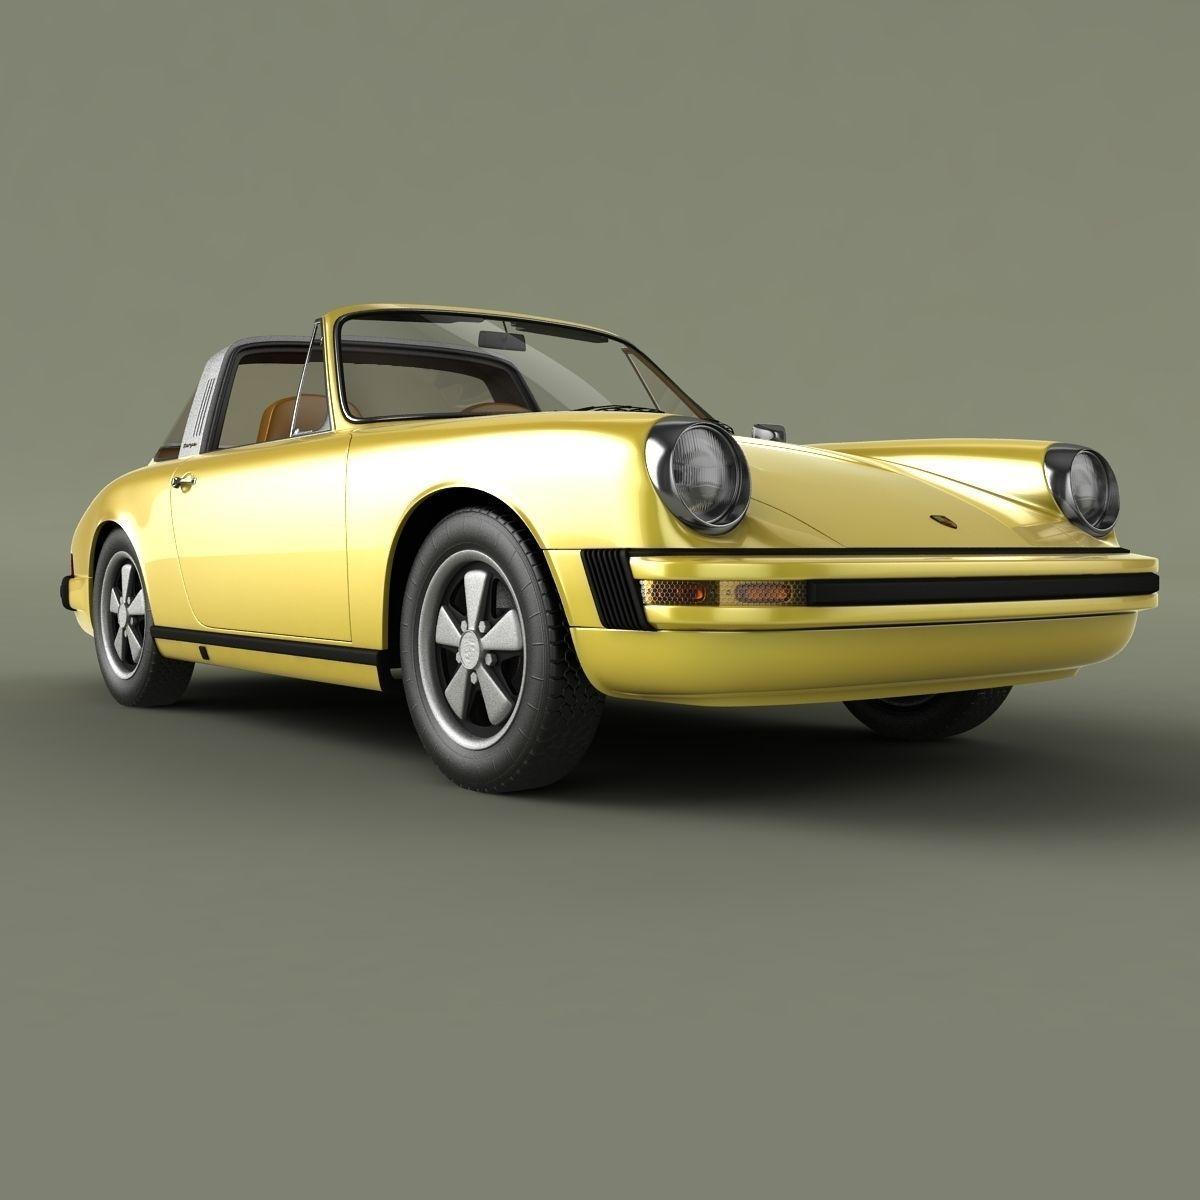 Porsche 911 Targa 1974 3d Model Max Obj 3ds Cgtrader Com